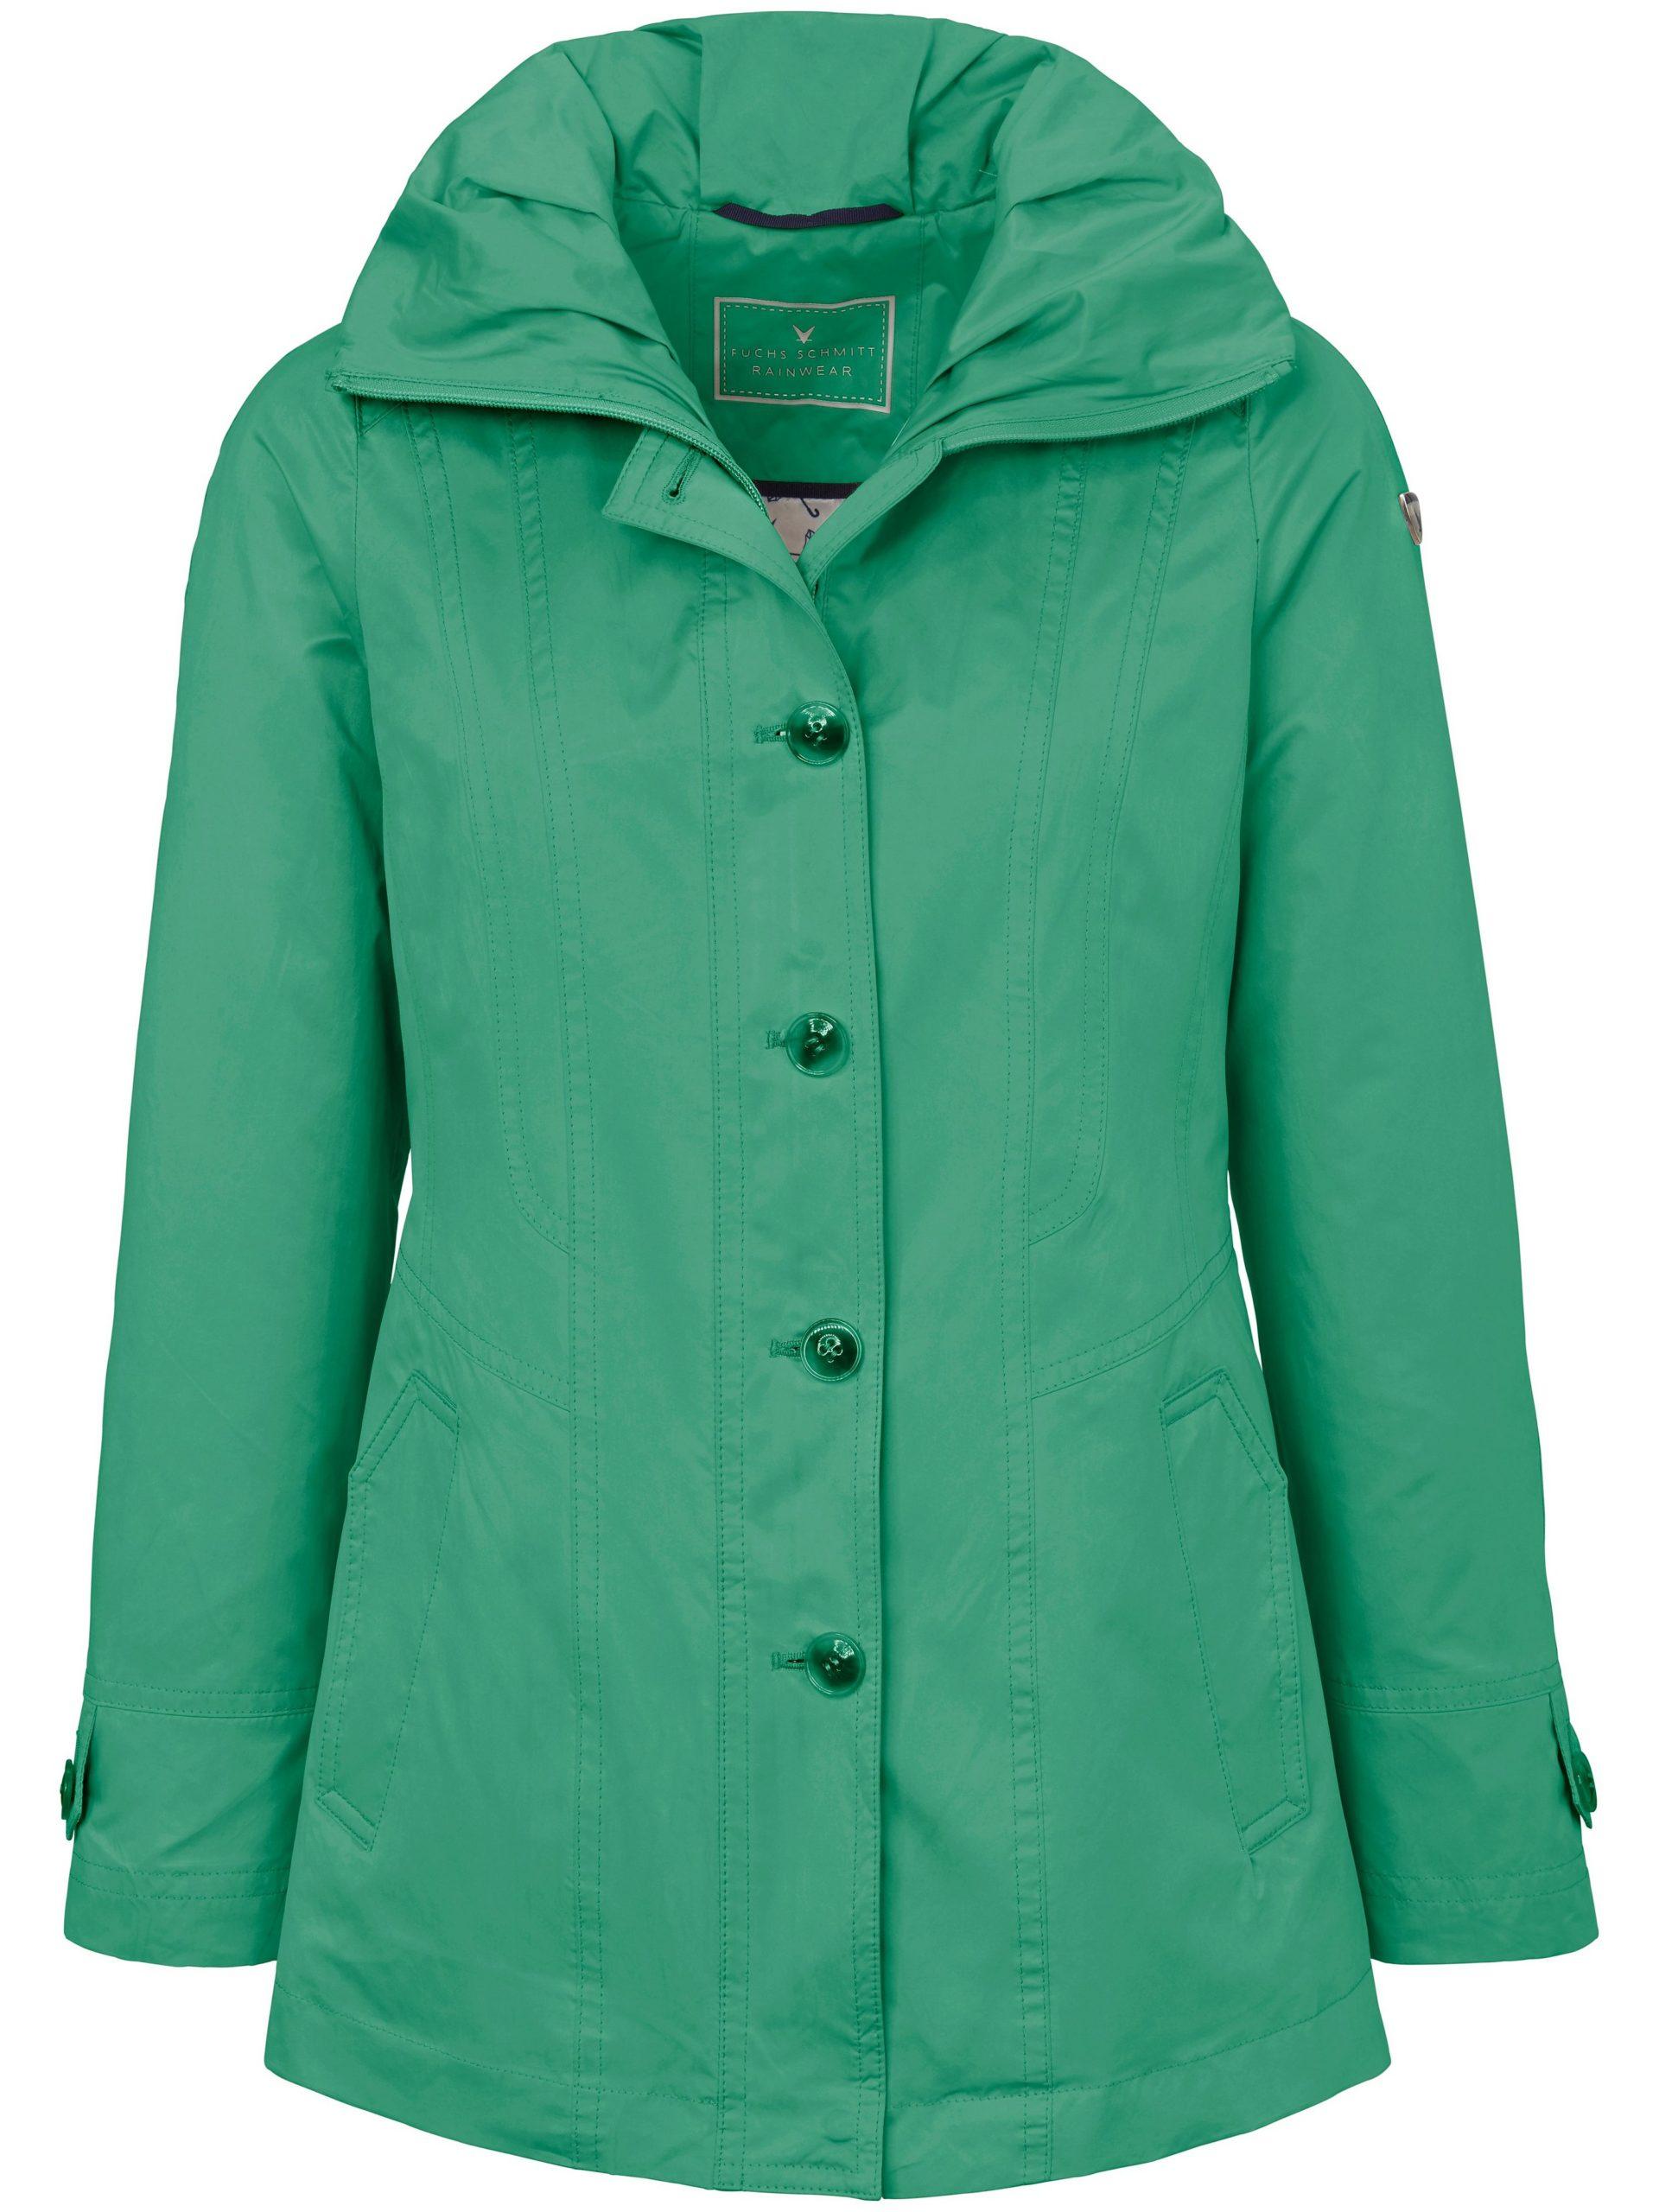 Rainwear-jas met staande kraag Van Fuchs & Schmitt groen Kopen